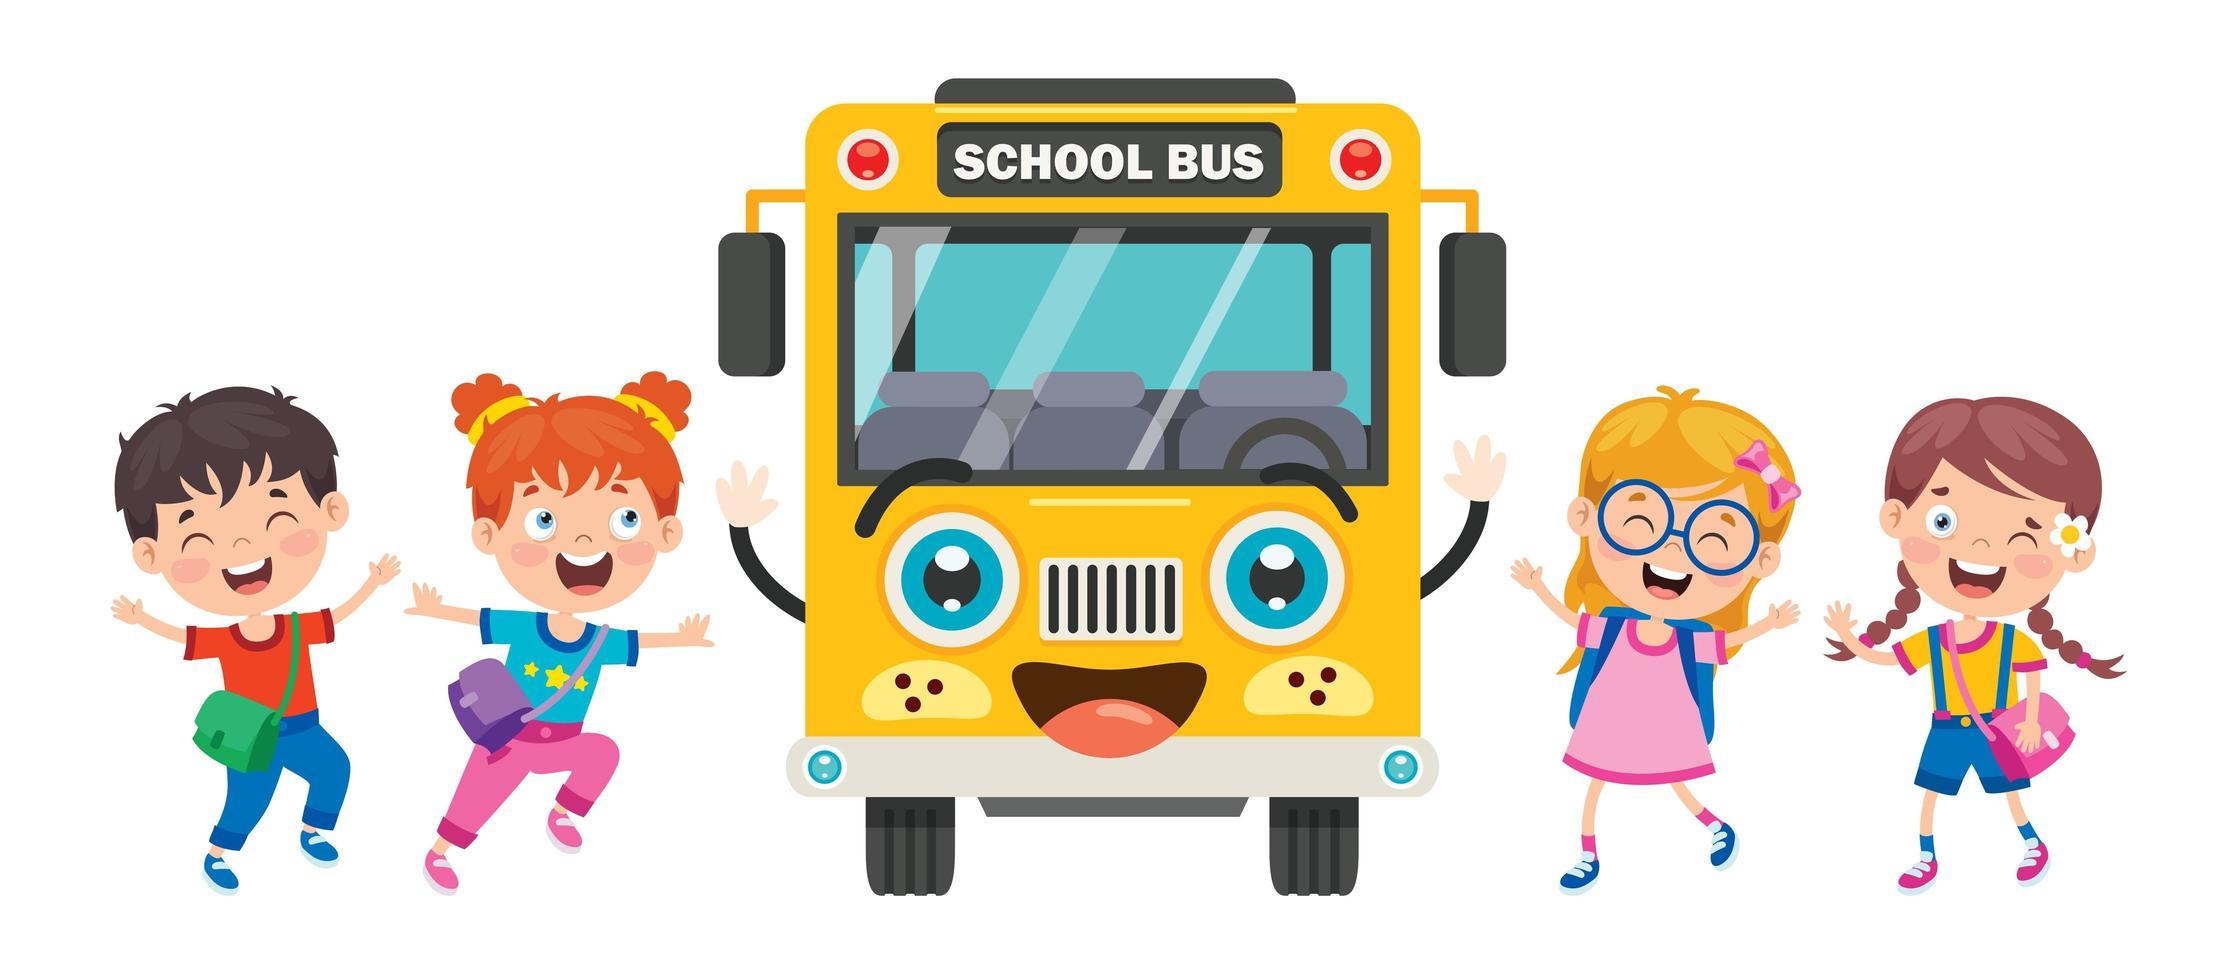 avant de l'autobus scolaire jaune et enfants heureux vecteur